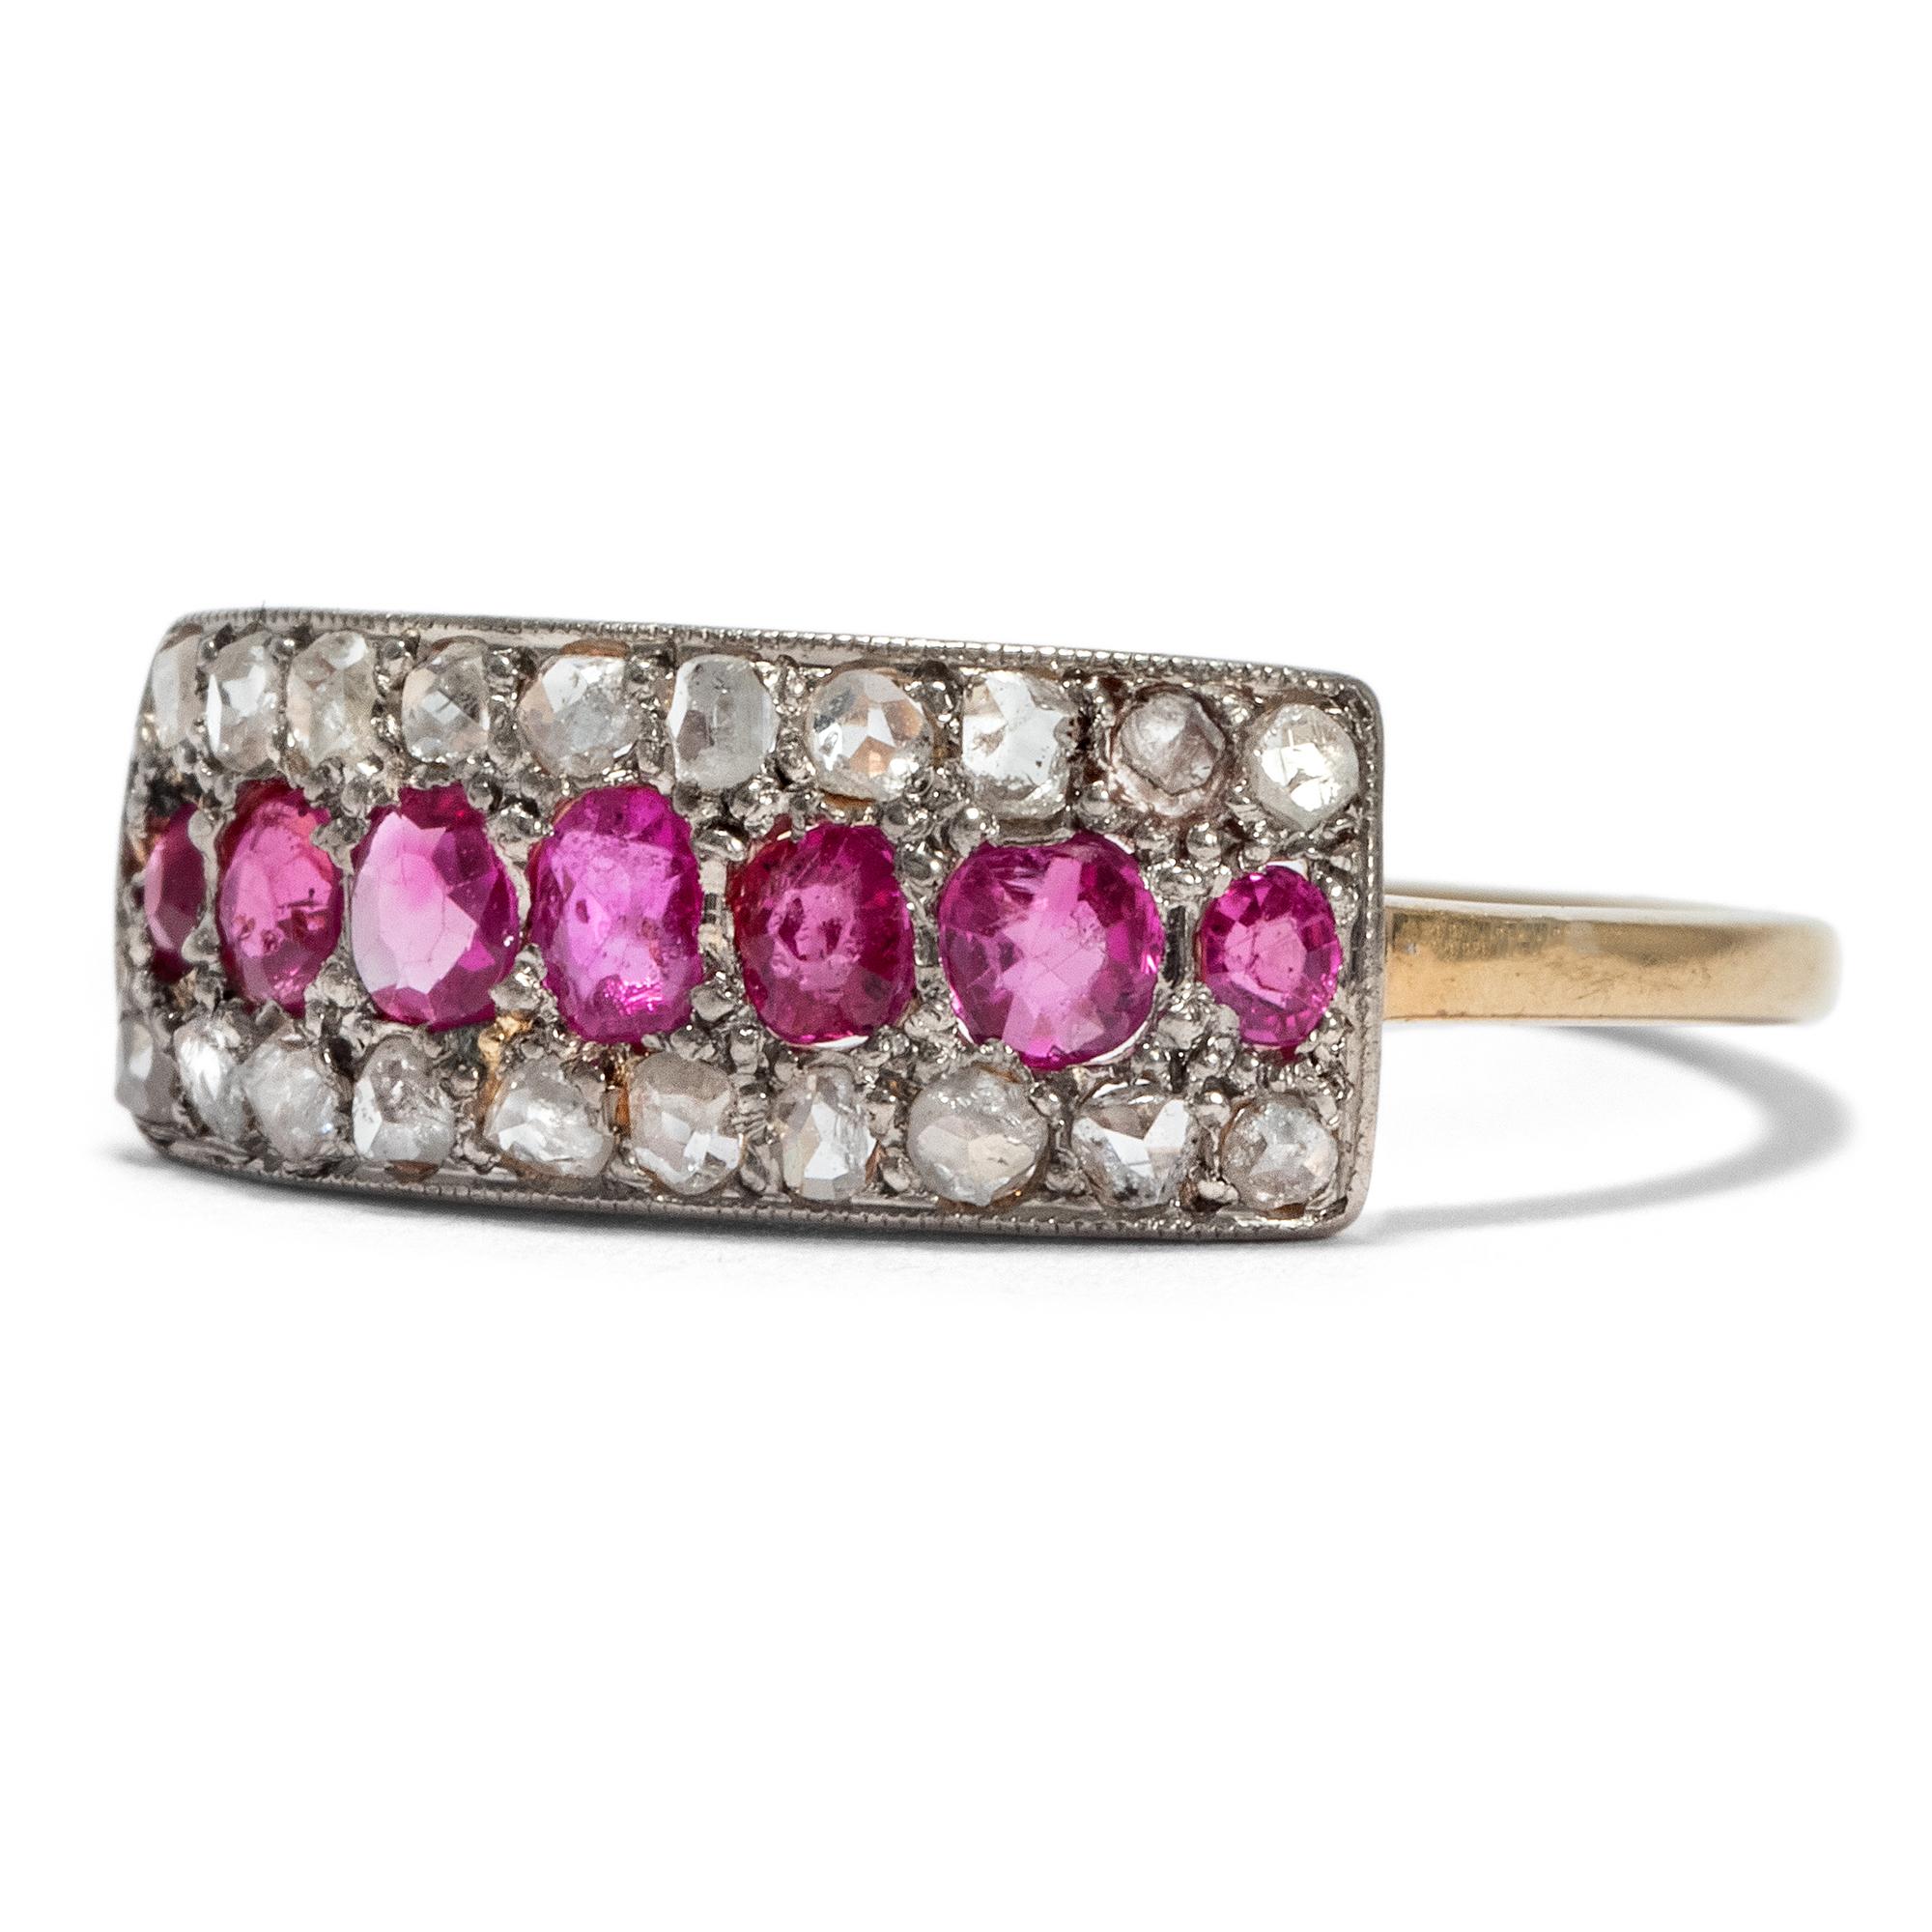 Nadel Brosche Mit Brillant Diamant Rubin Brillant In Aus Platin Rubinen Unikate & Goldschmiedearbeiten